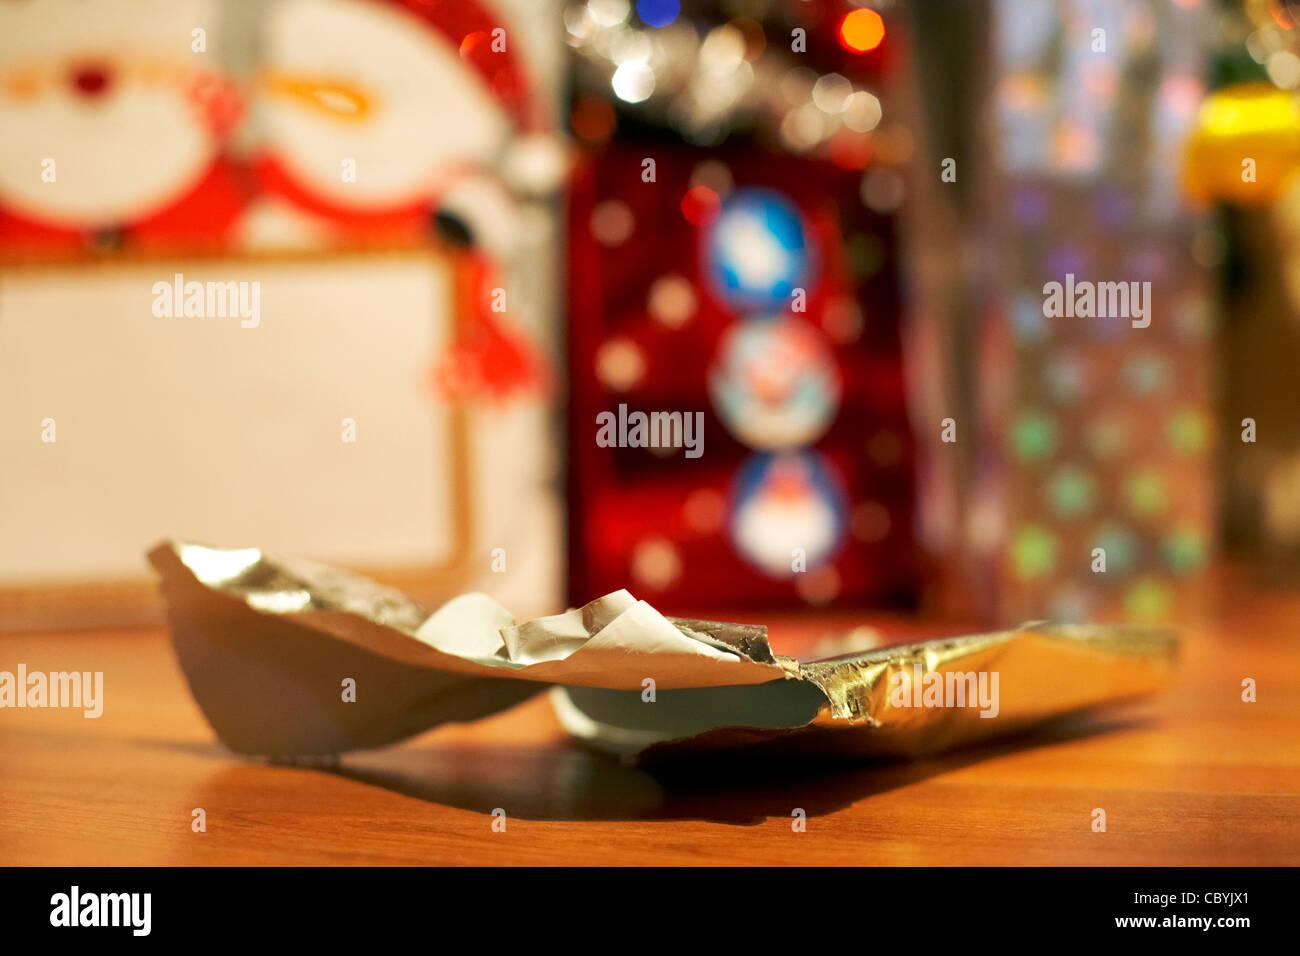 Papel de regalo de navidad descartados tumbado en el suelo después de abrir regalos Imagen De Stock